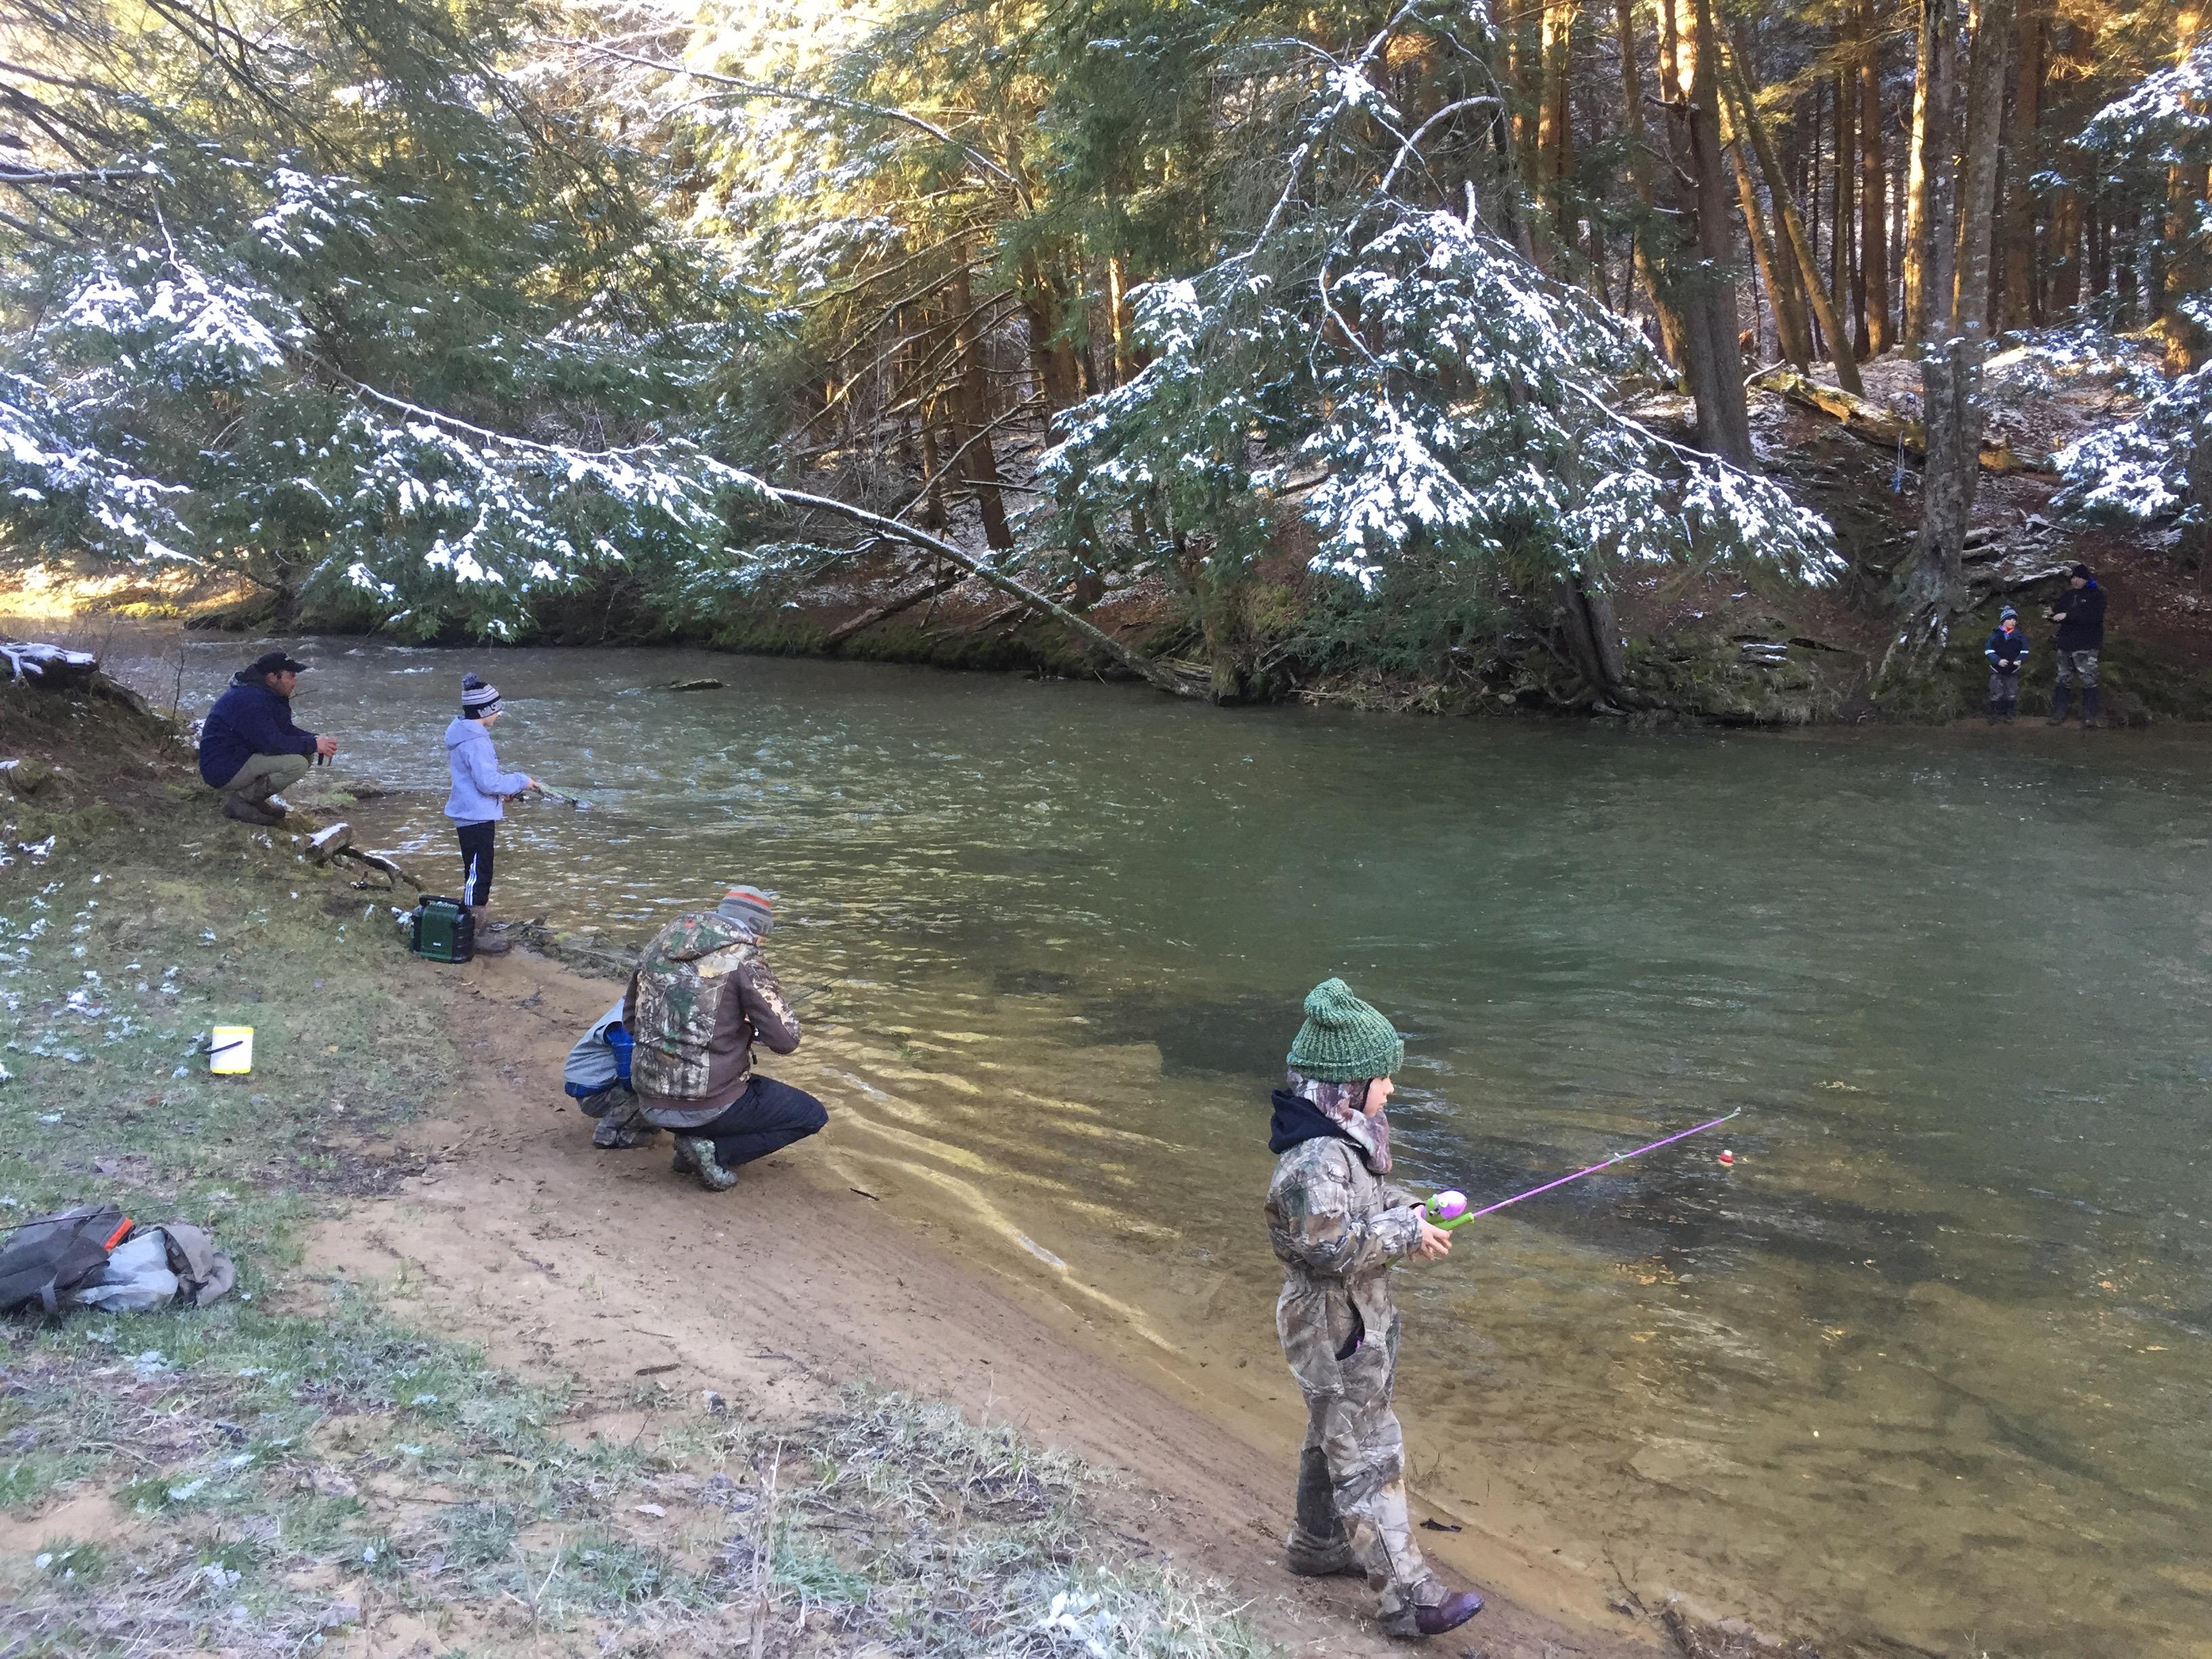 Take me fishing kid reel fish 39 n for Take me fishing